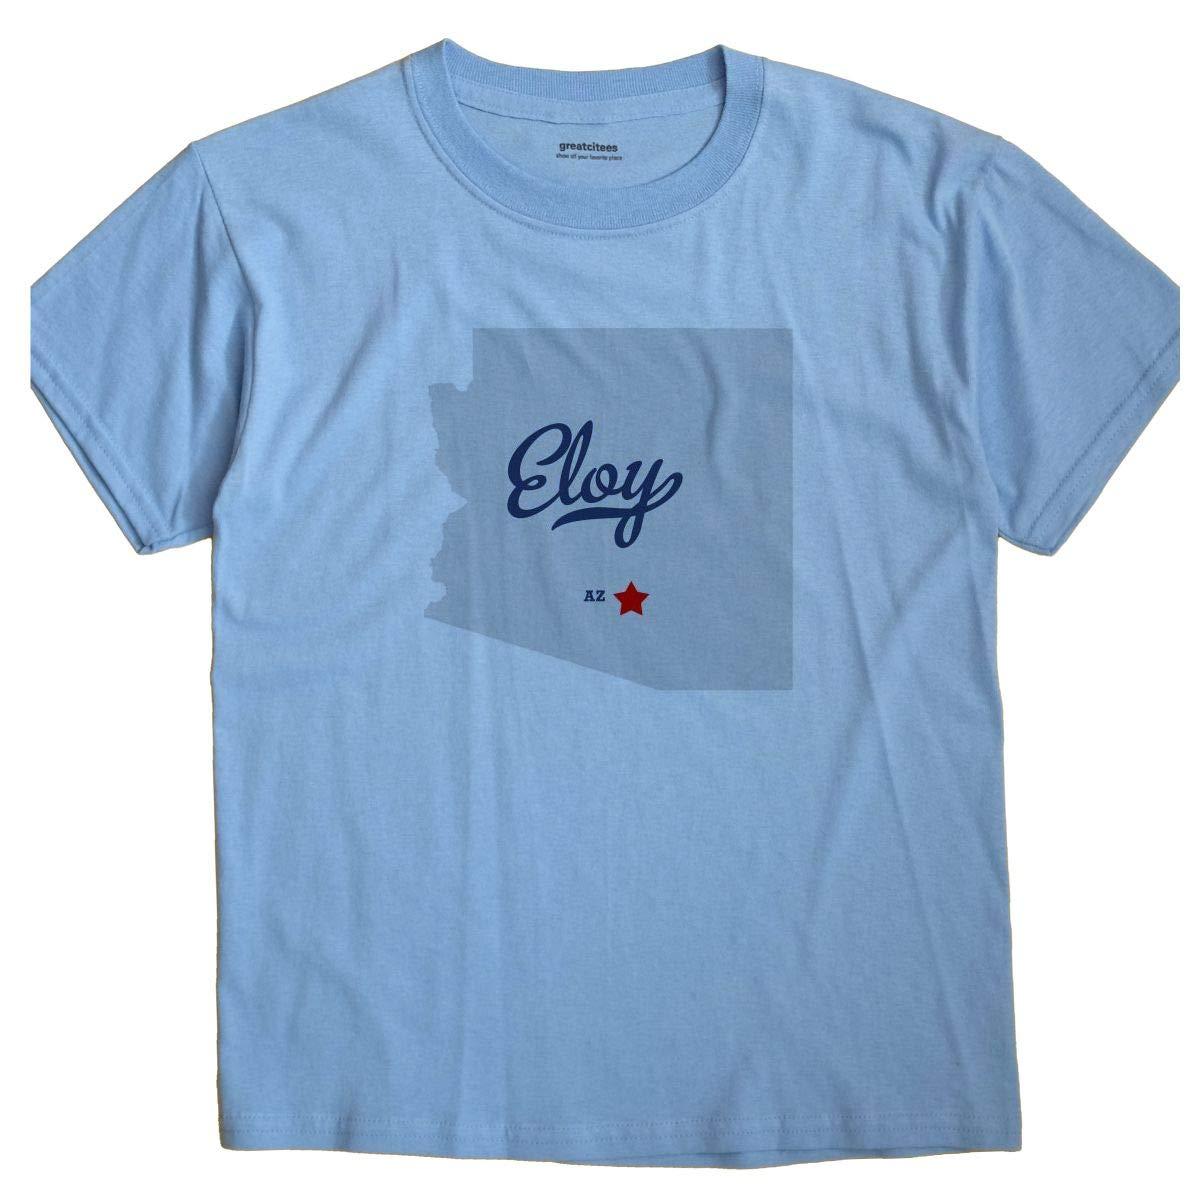 Map Of Eloy Arizona.Amazon Com Greatcitees Eloy Arizona Az Map Unisex Souvenir T Shirt